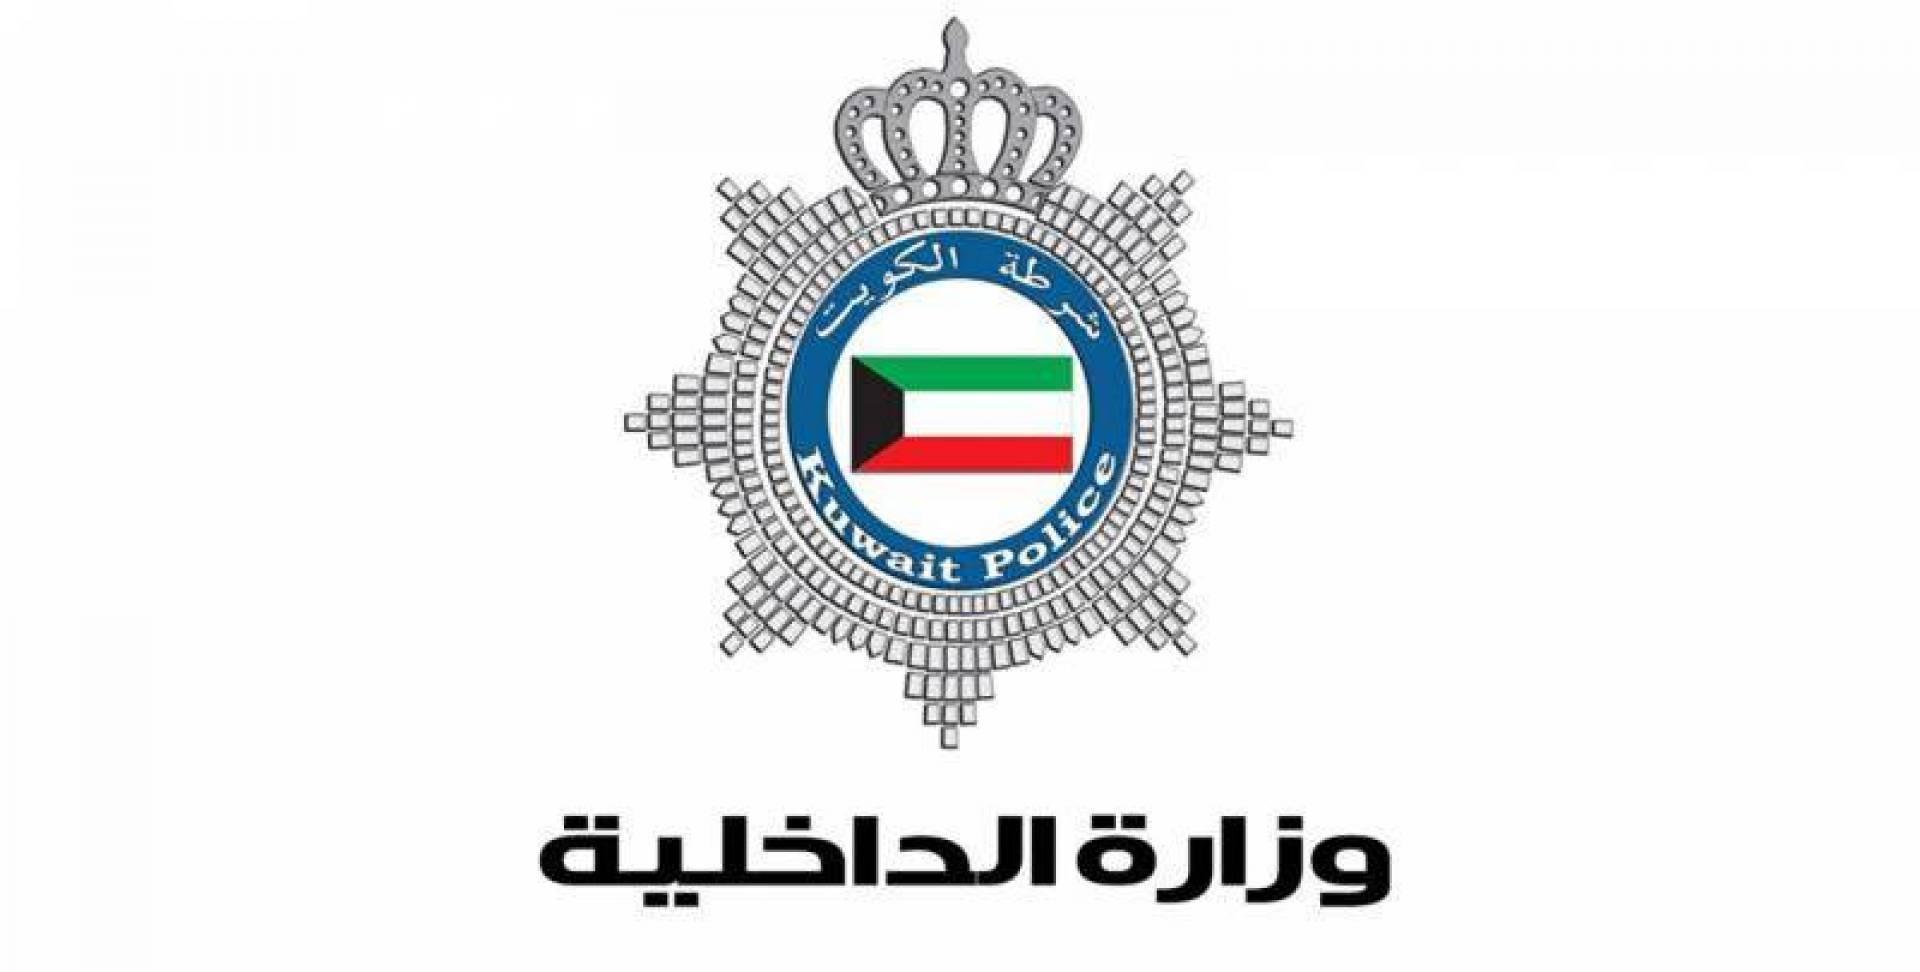 بدء العمل بمركز الهوية في جابر العلي